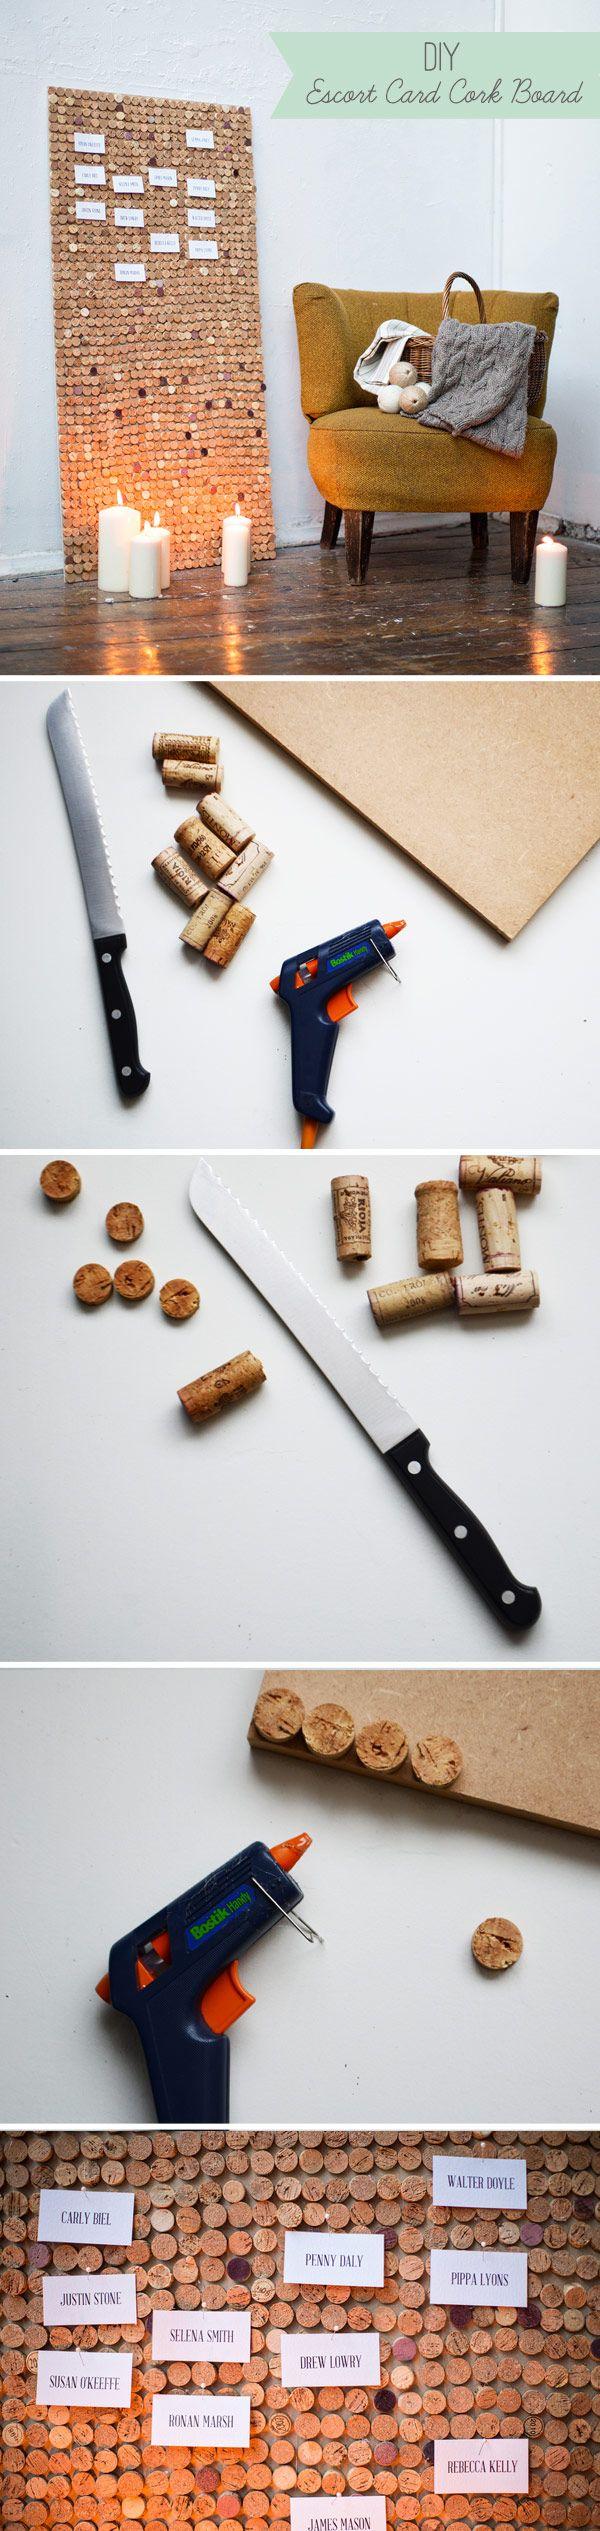 DIY Project: Escort Card Cork Board | onefabday.com #diy